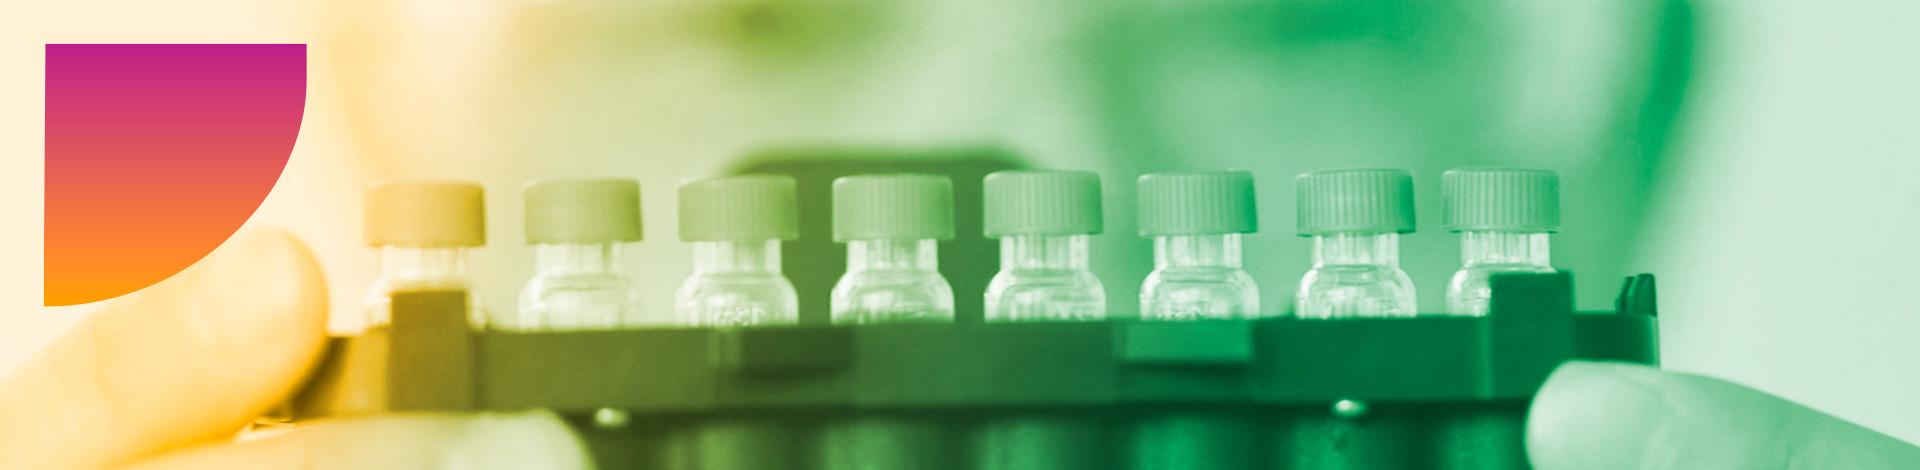 Gnubiotics Sciences raises CHF 2.3 million